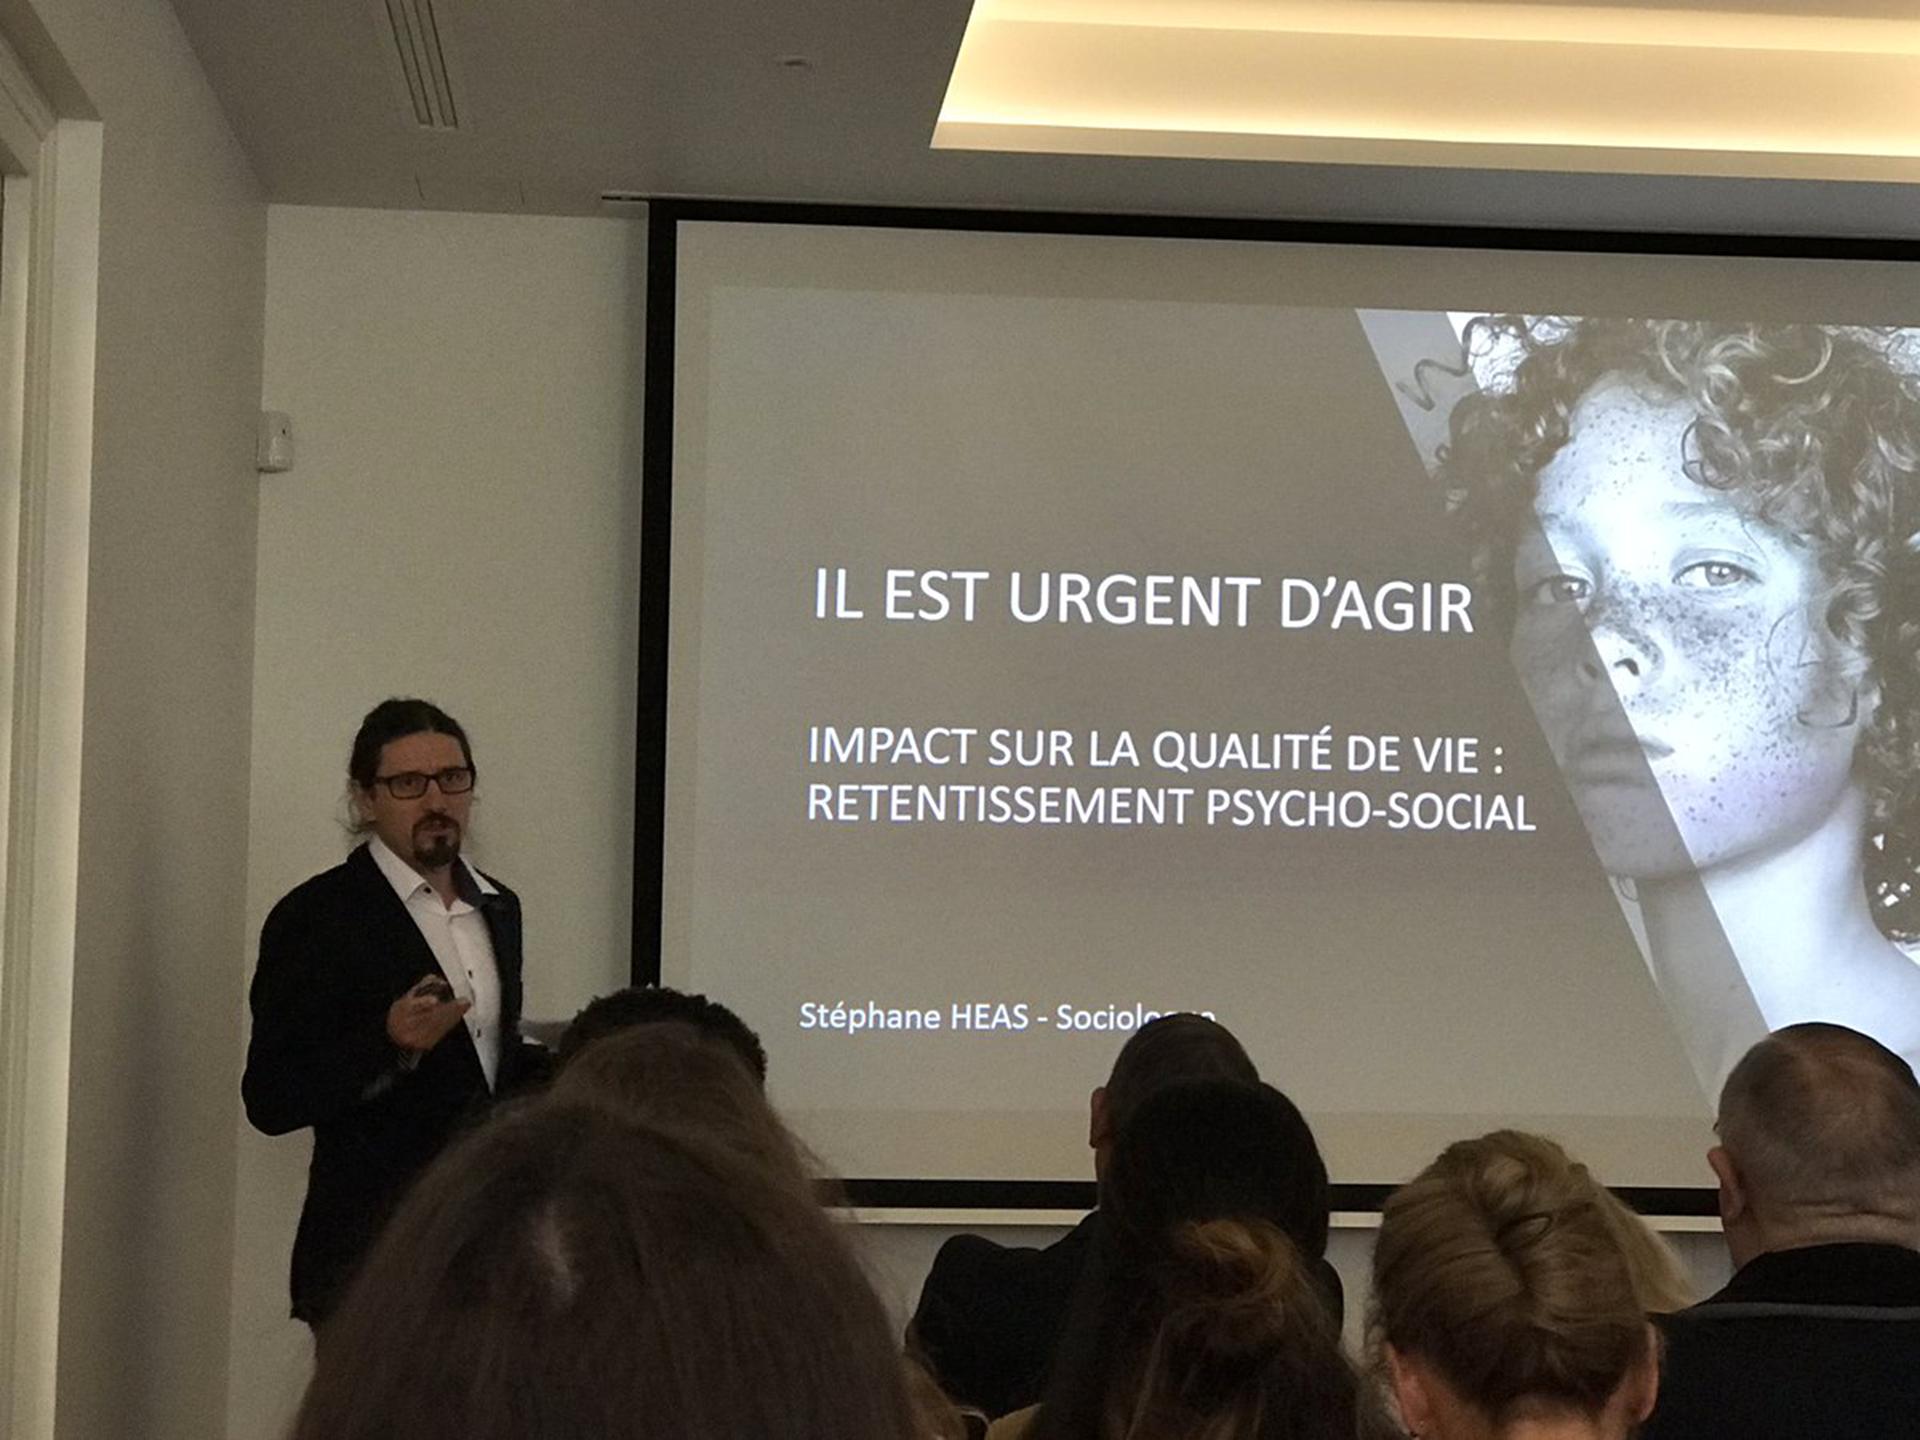 Conférence de peau Objectifs Peau. L'impact des maladies cutanées en France.